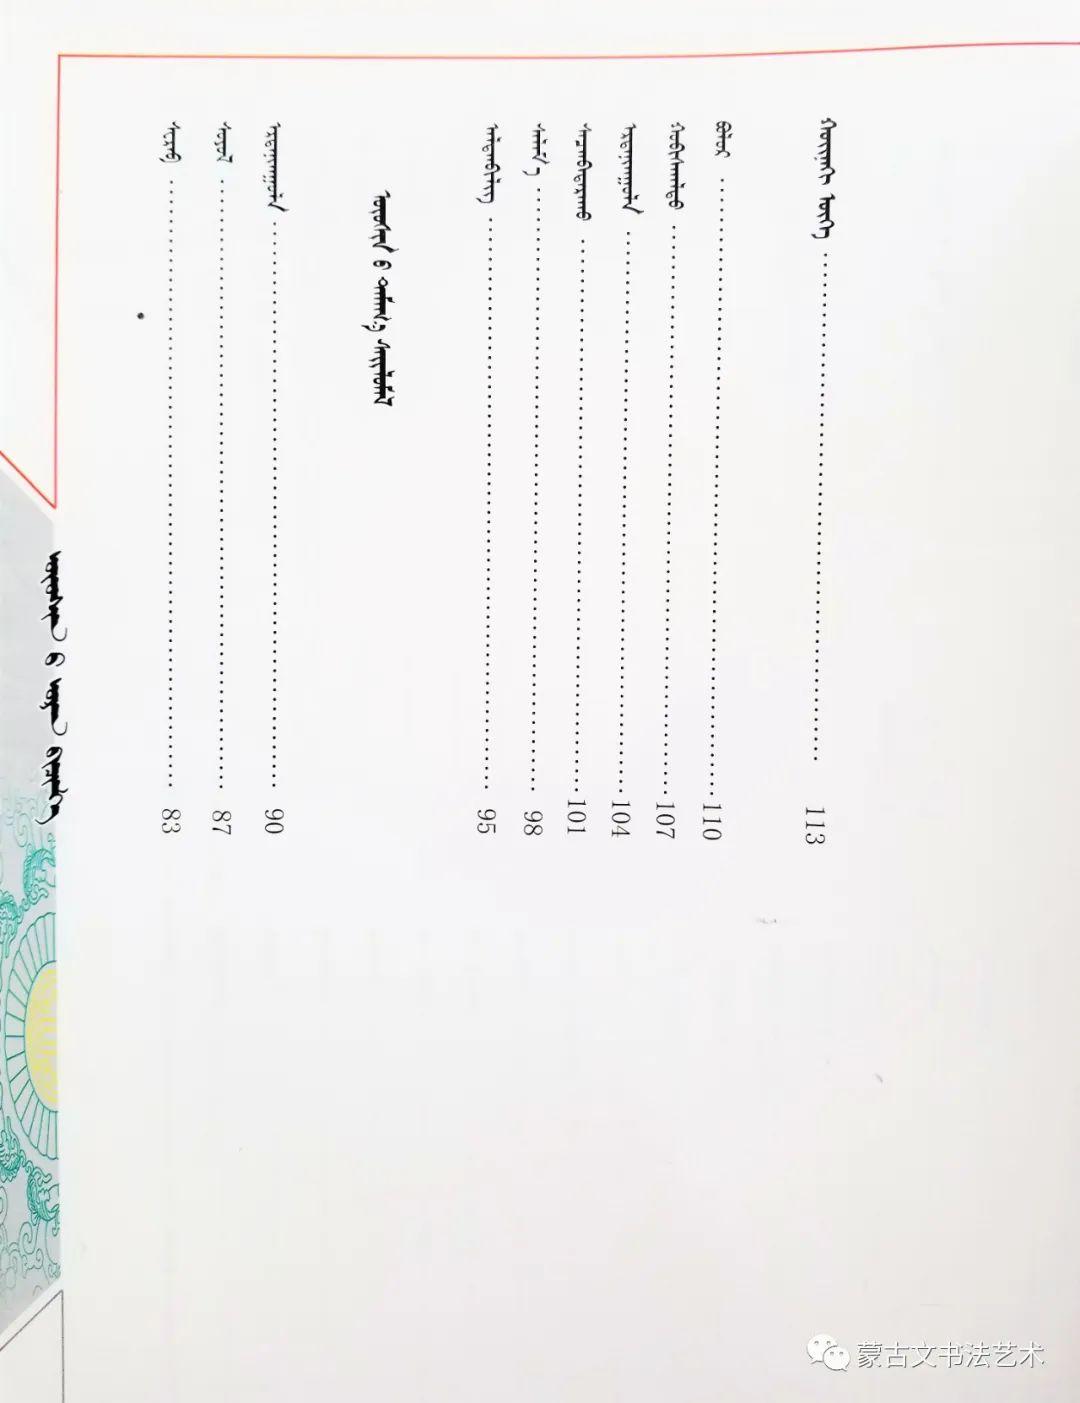 阿拉腾毕力格《乌审旗书法与篆刻精选》 第8张 阿拉腾毕力格《乌审旗书法与篆刻精选》 蒙古书法